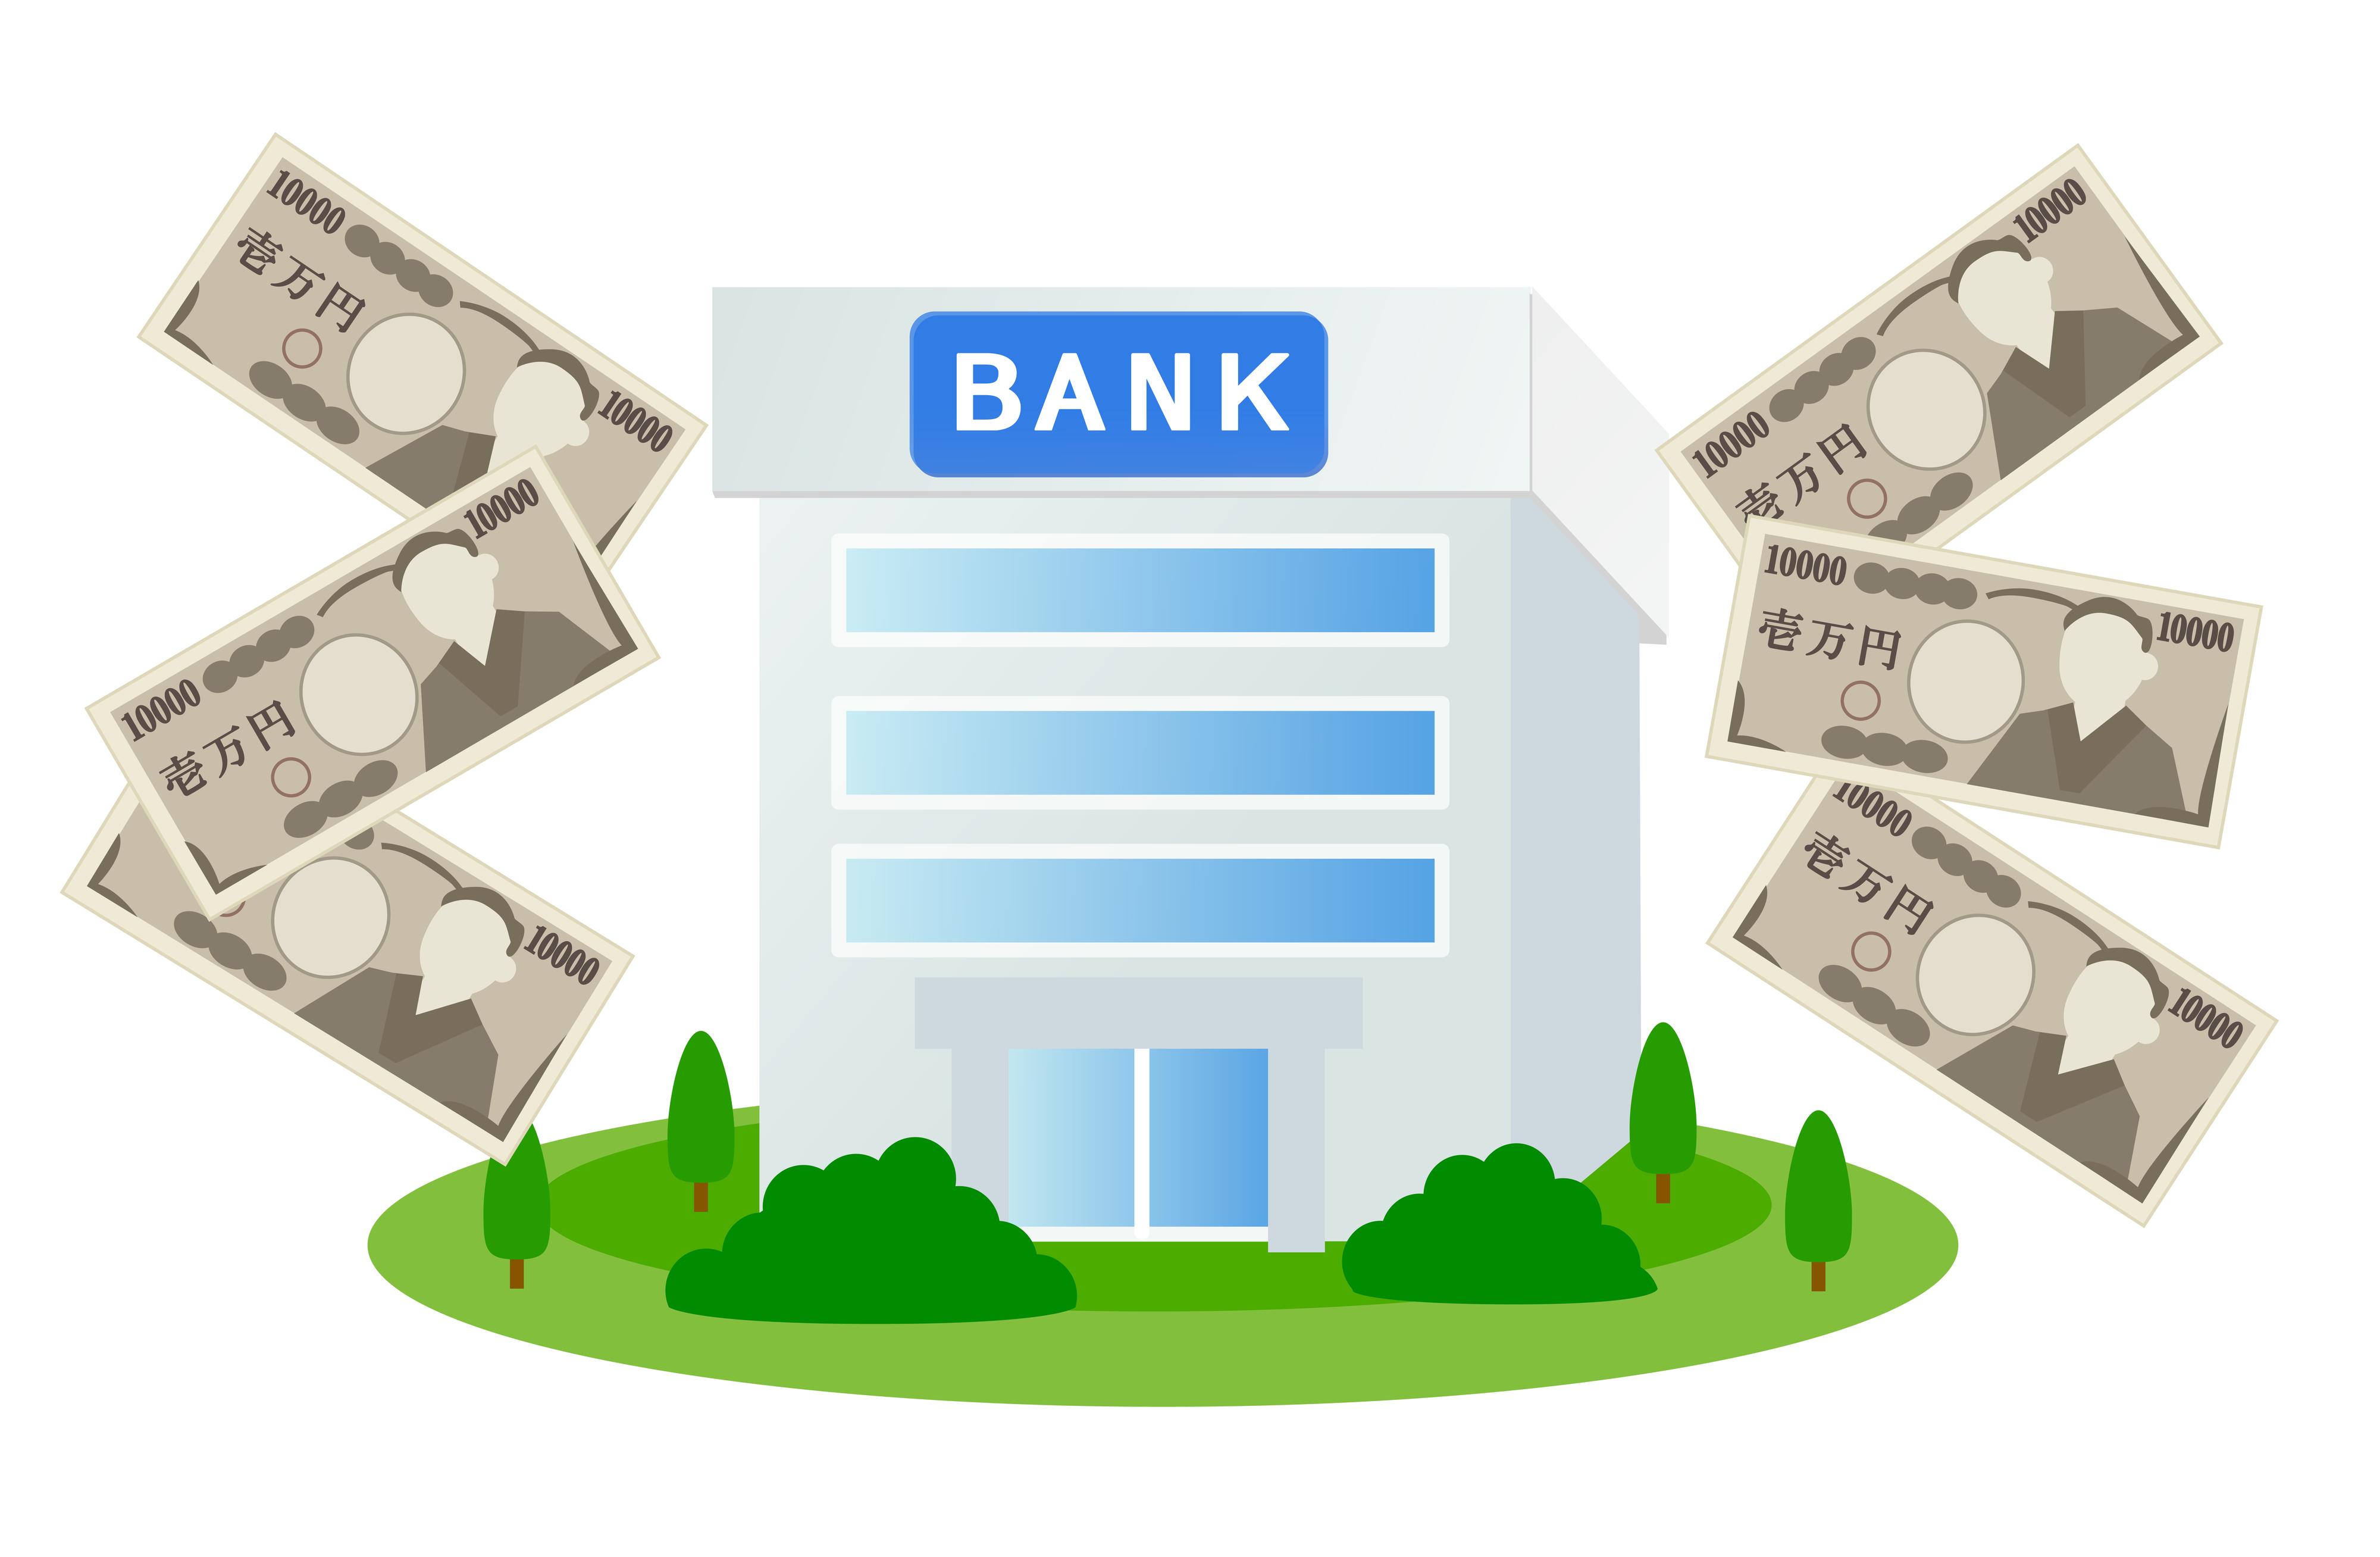 銀行が即日融資できなくなった理由と、銀行が抱える大きな爆弾とは?